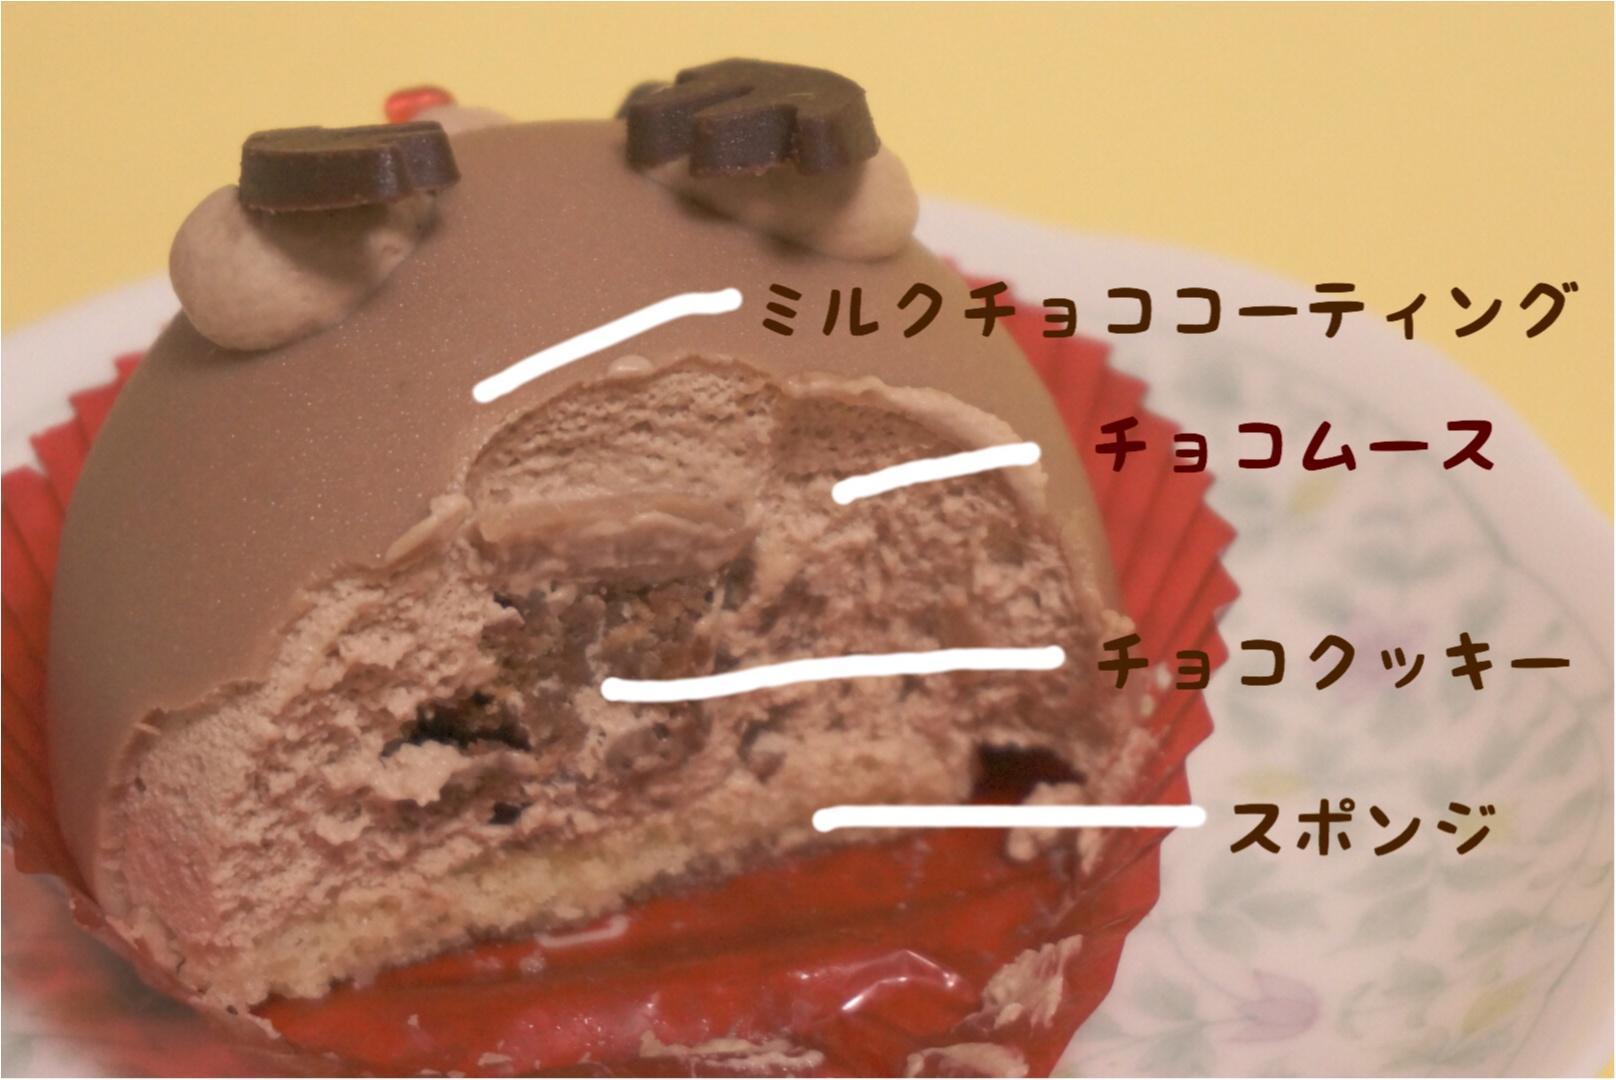 《カメラ必須‼︎》食べるのがもったいない‼︎セブンイレブンのトナカイ&雪の子ケーキが可愛すぎるっ♡_3